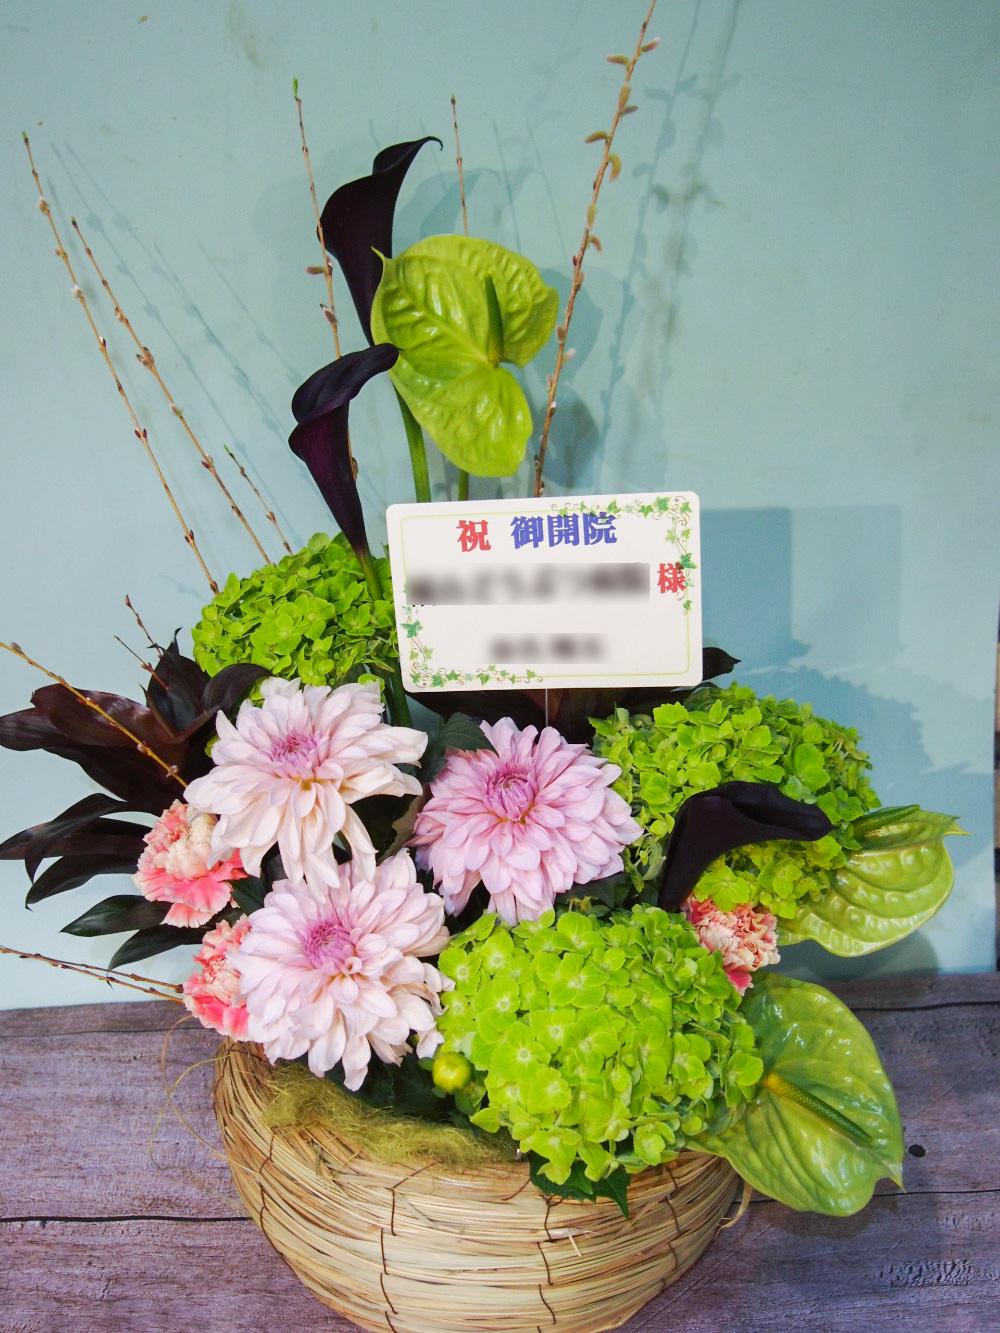 動物病院さまへ 和モダンな雰囲気がおしゃれな開業祝い花